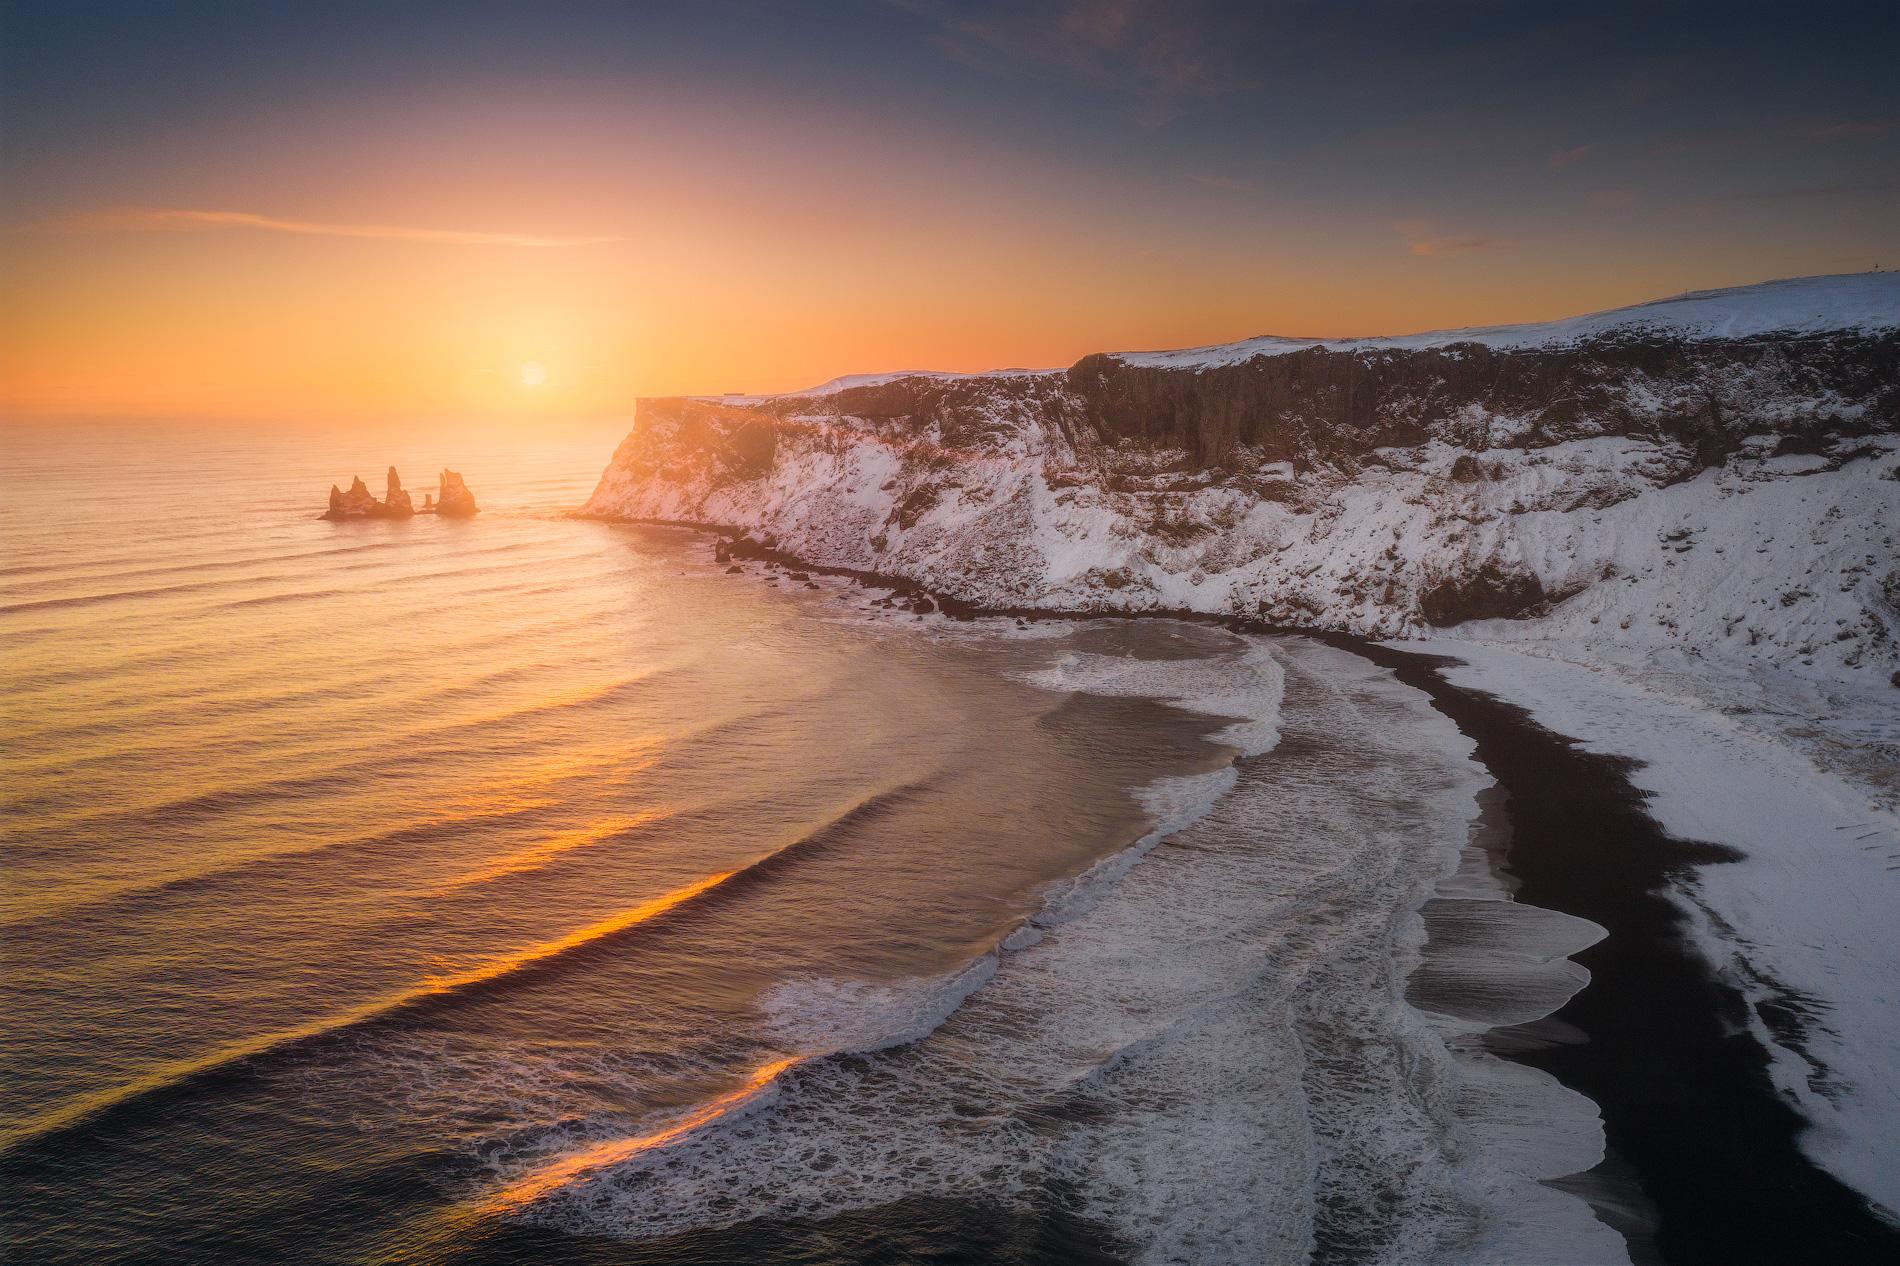 Taller de fotografía completo de dos semanas en Islandia en invierno - day 12